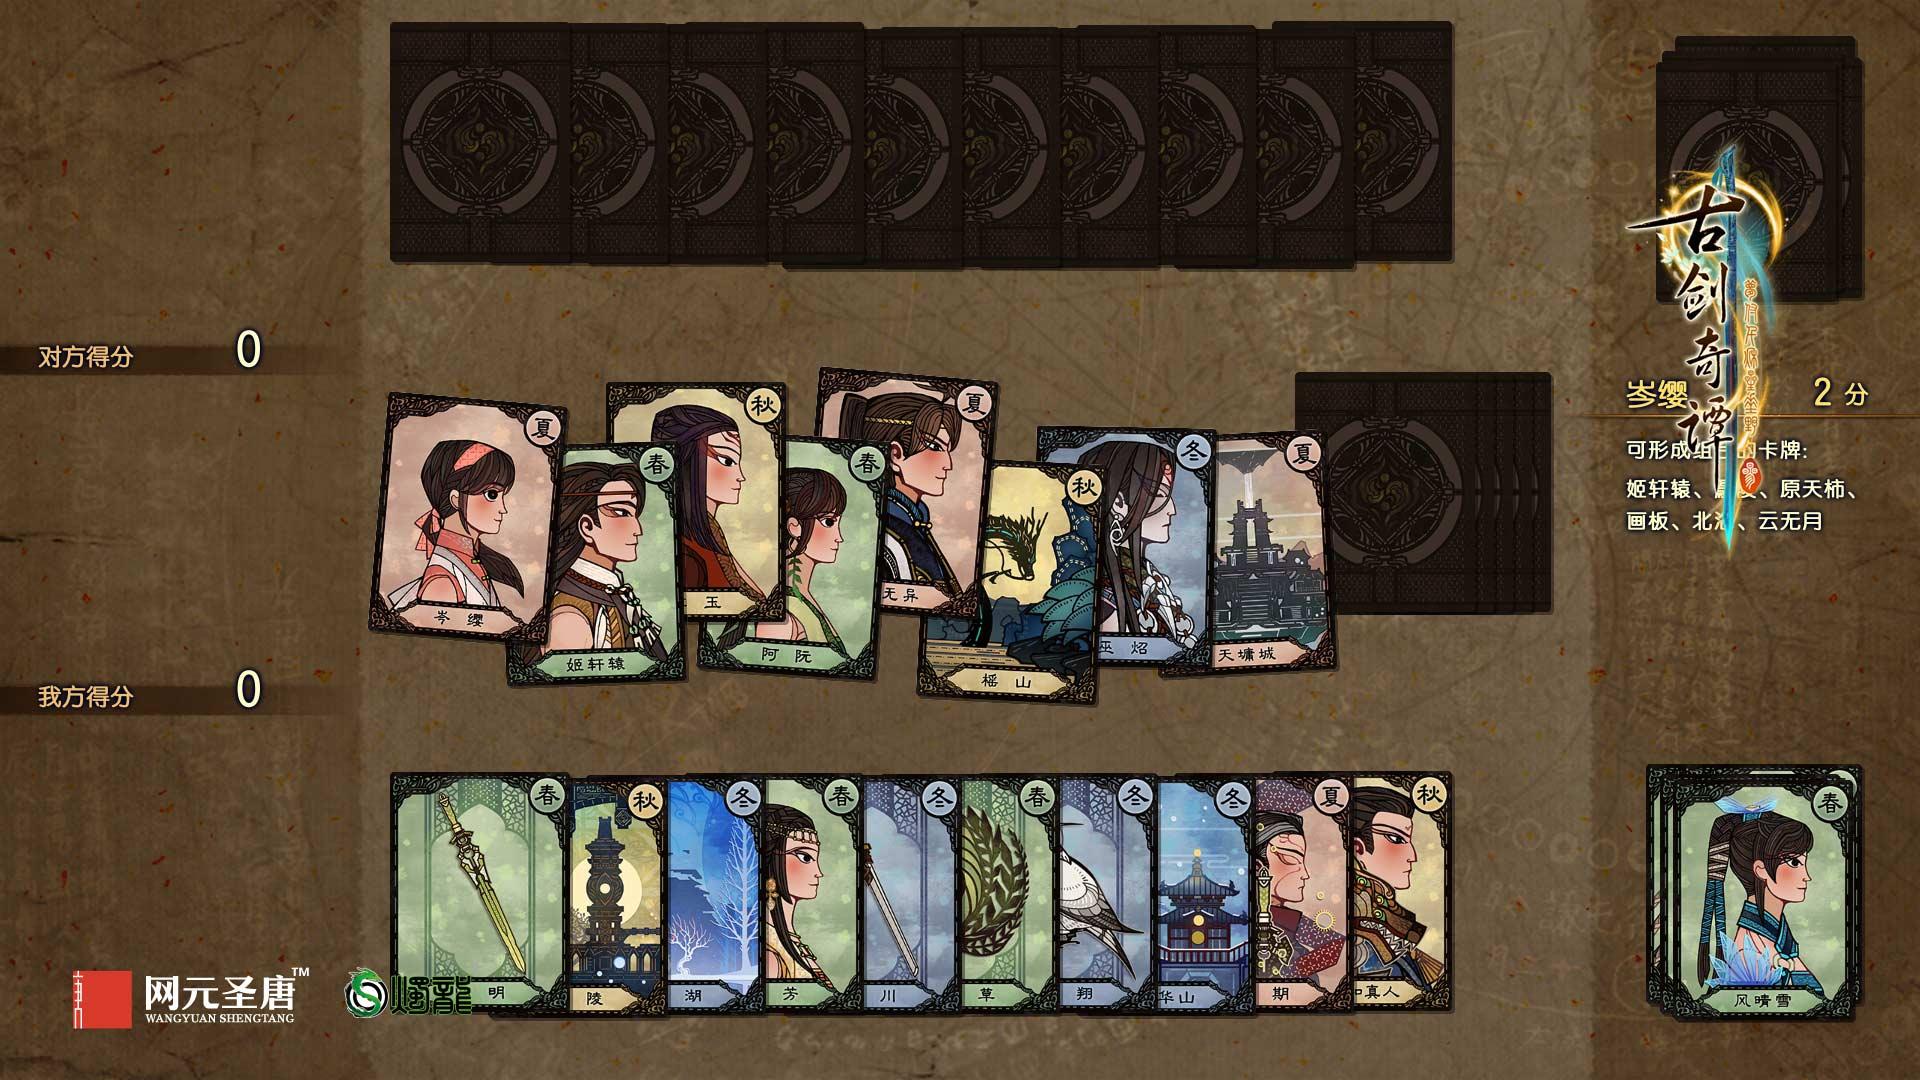 图006新增后的千秋戏游戏界面-1.jpg